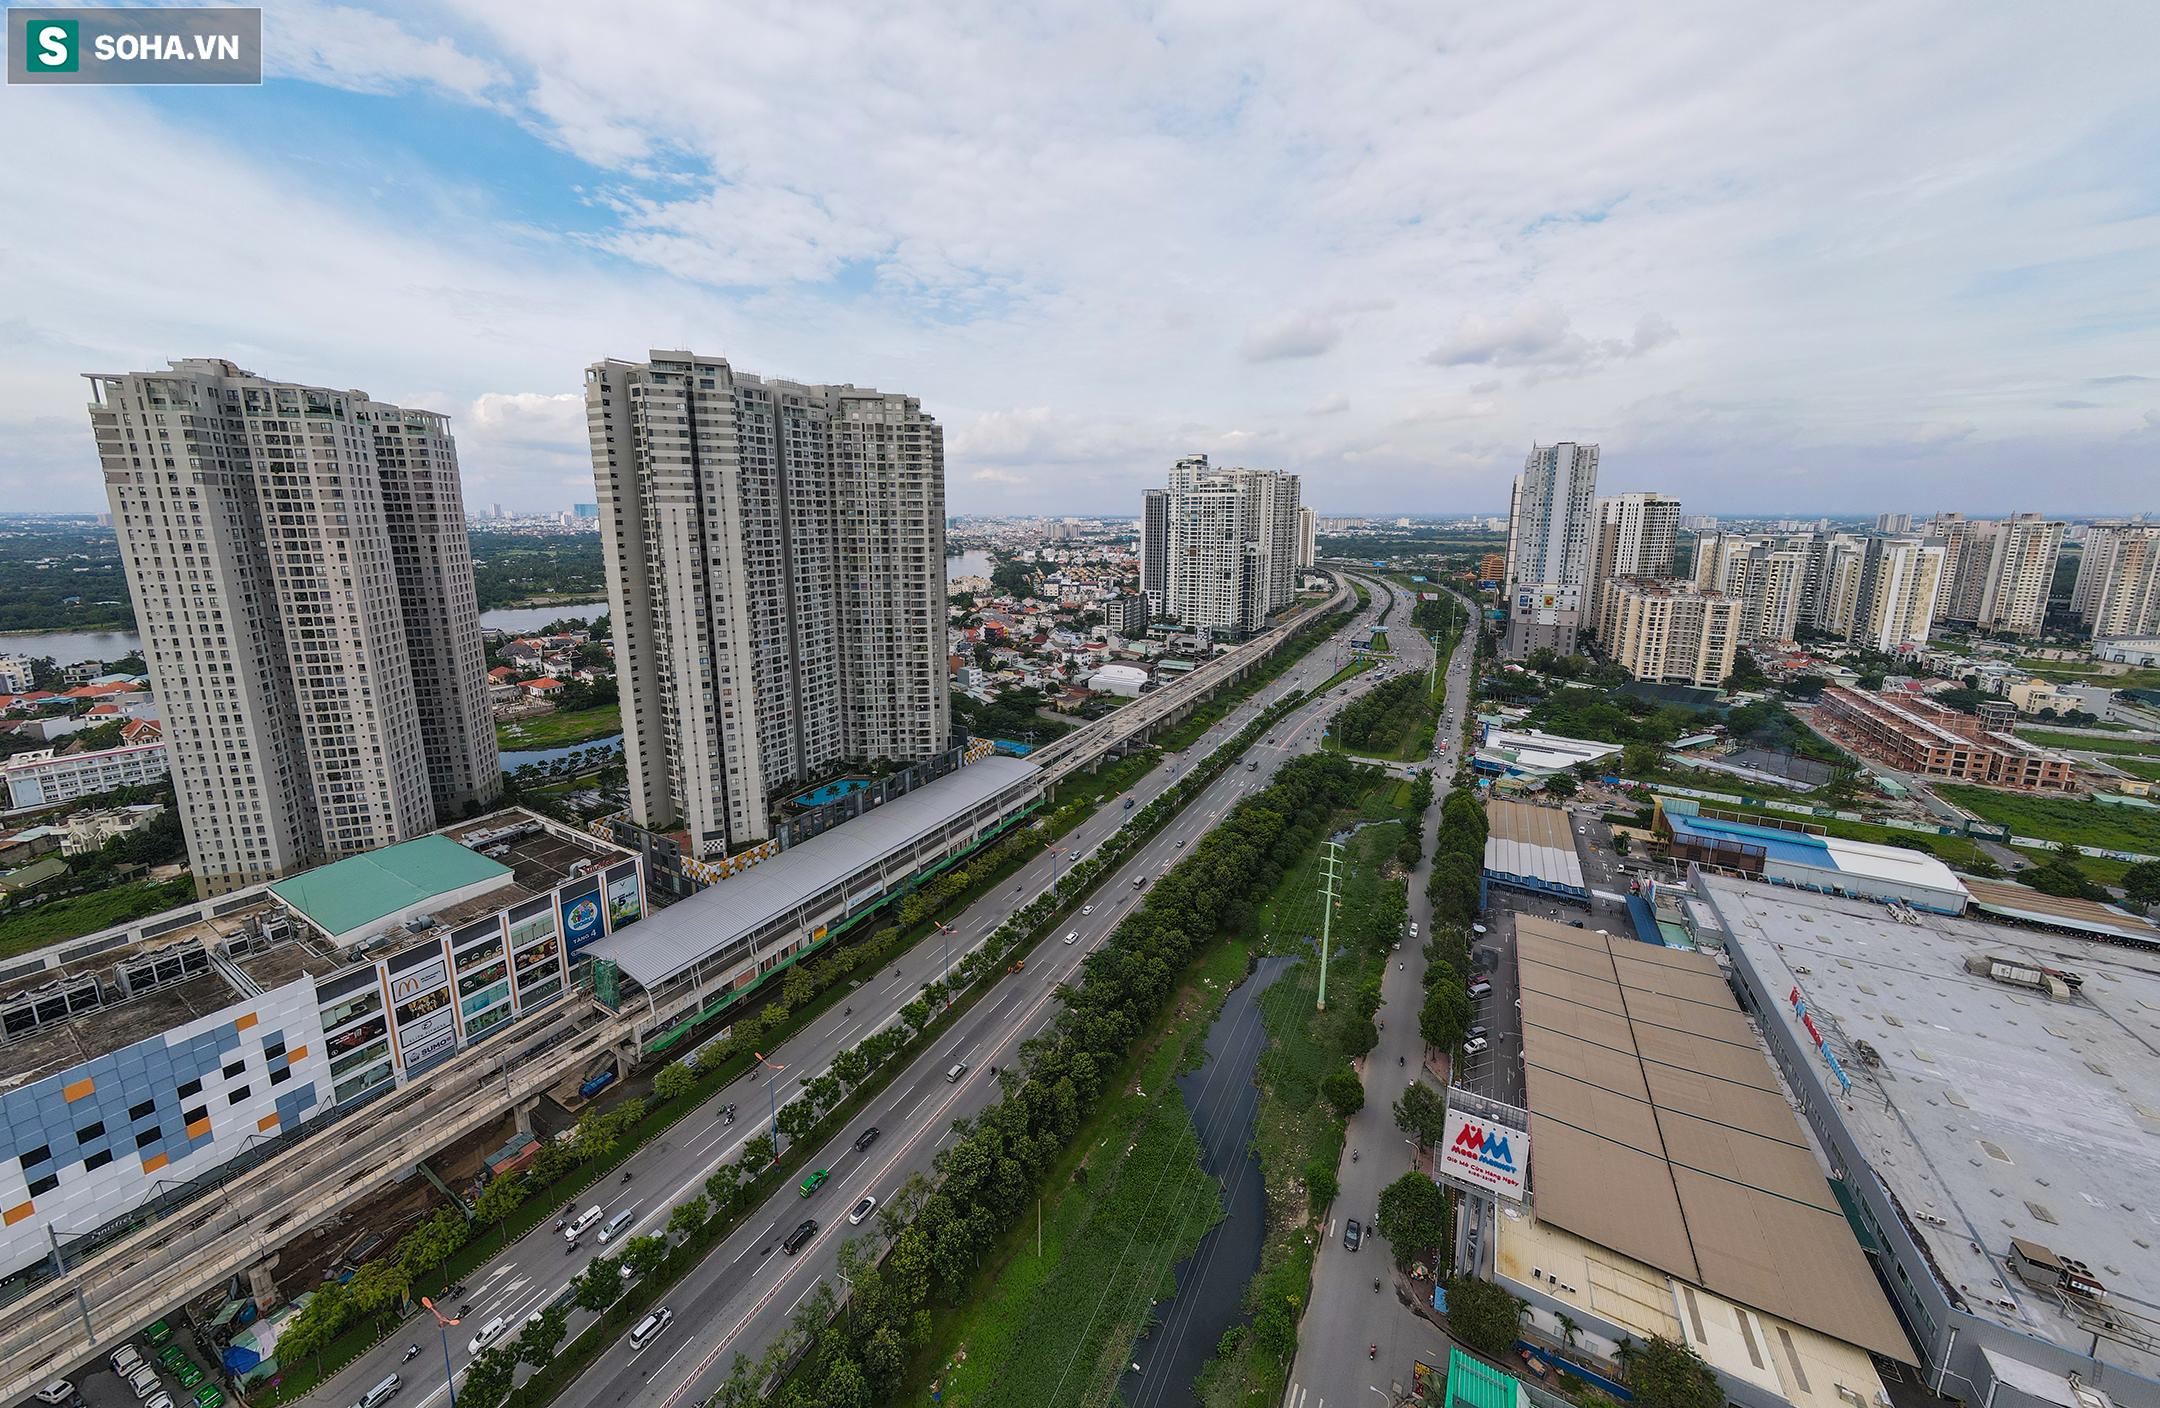 Cao ốc, chung cư vây chặt metro số 1, giao thông khu Đông TP.HCM bắt đầu ngạt thở - Ảnh 1.